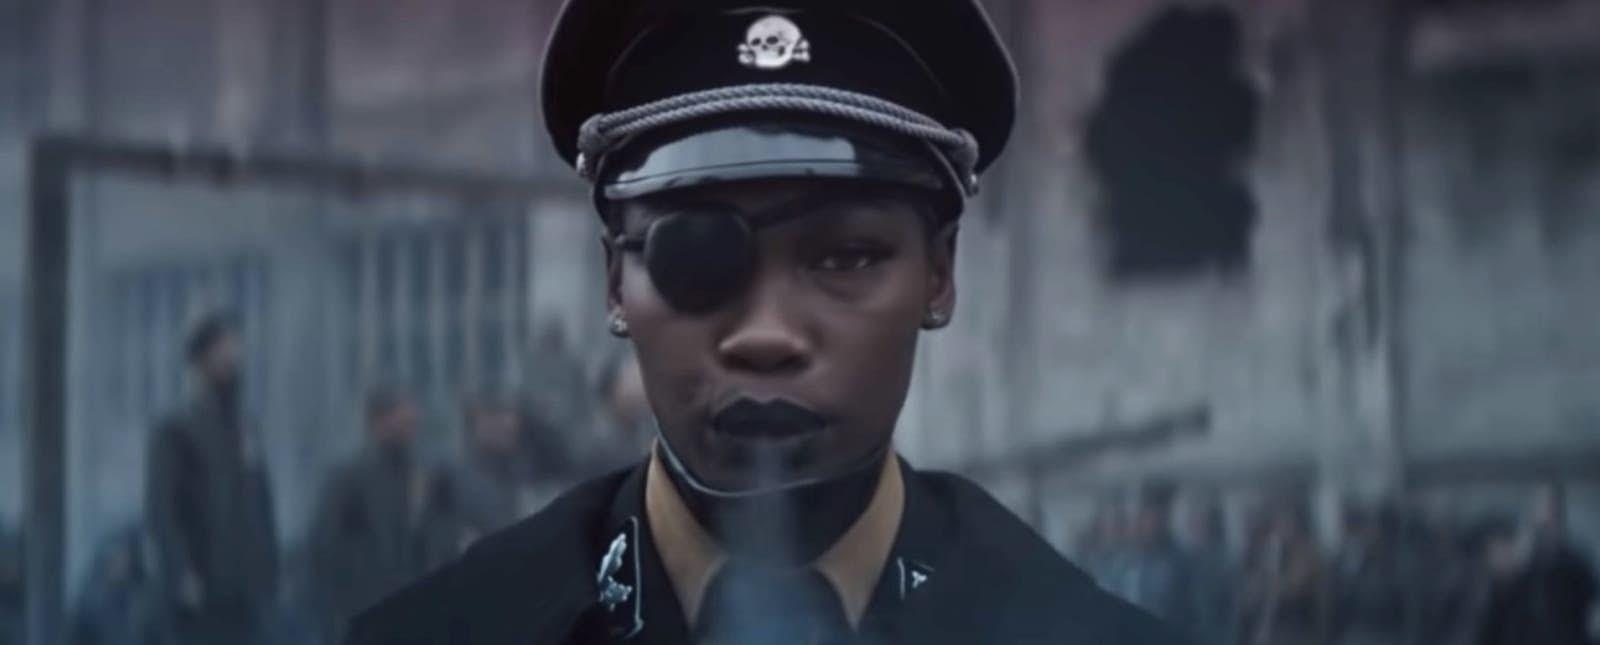 Germania: Ruby Commey som mor Tyskland under andre verdenskrig. Foto: Screenshot fra Youtube video  Deutschland. Opphavsrett: Universal Music.